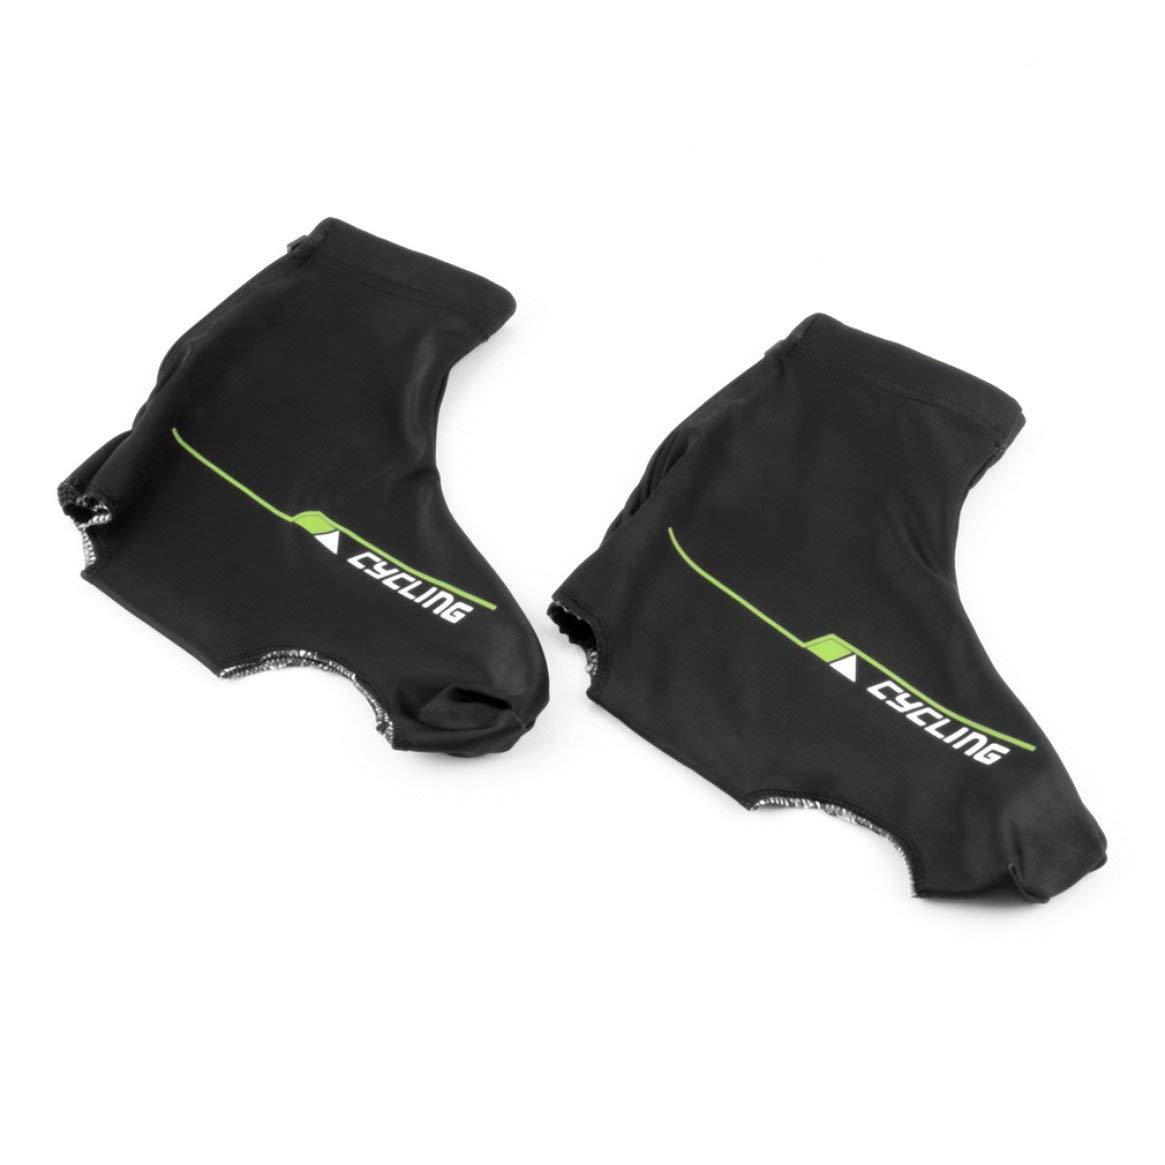 Zapatos de Ciclismo en Caliente Cubren la sobremesa Ciclismo de Bicicleta de Carreras de Calzado Cuidado Spandex Cortavientos de Ciclismo de Lycra a Prueba de Viento Marca Delicacydex